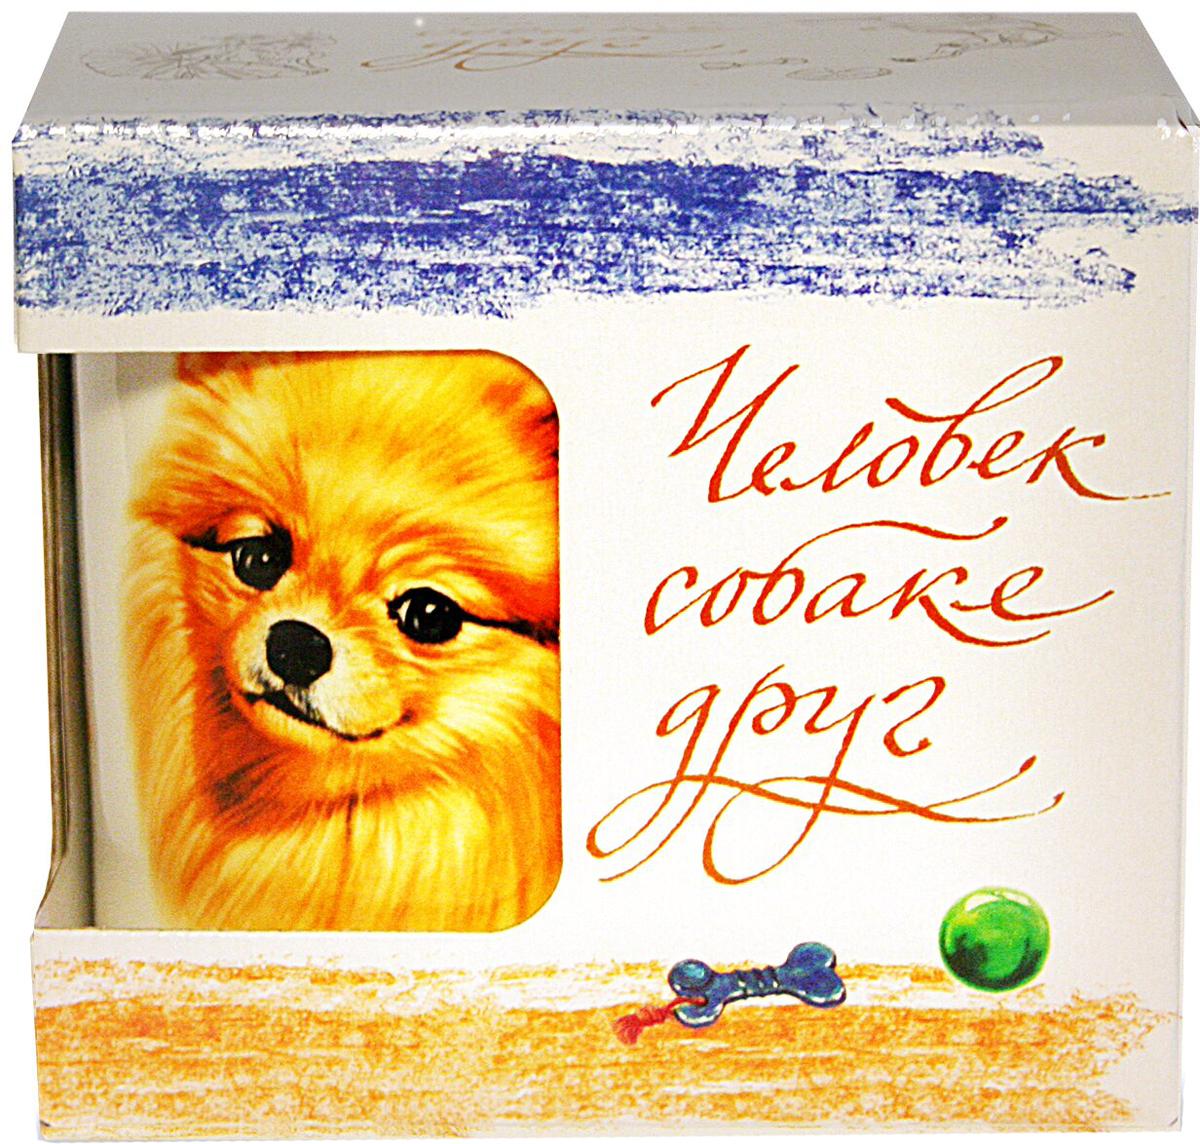 Кружка PrioritY Человек собаке друг Шпиц 420 мл. в подарочной упаковке намико фукуи человек собаке друг